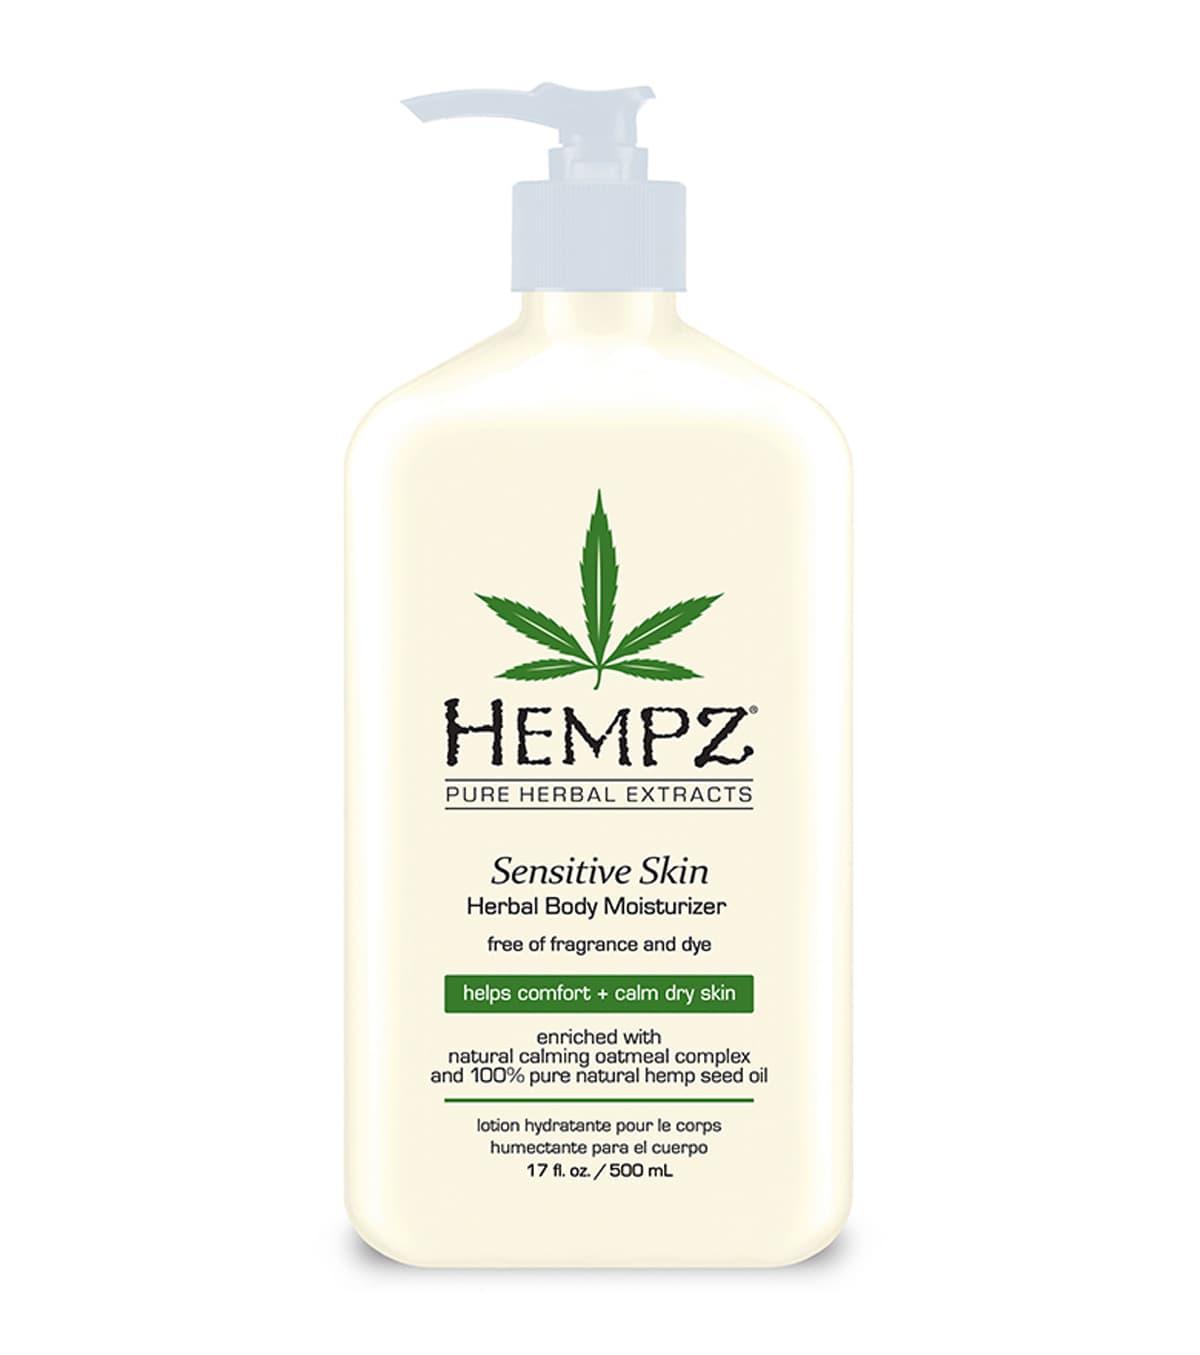 Hempz Sensitive Skin Молочко Для Тела Увлажняющее - Чувствительная Кожа